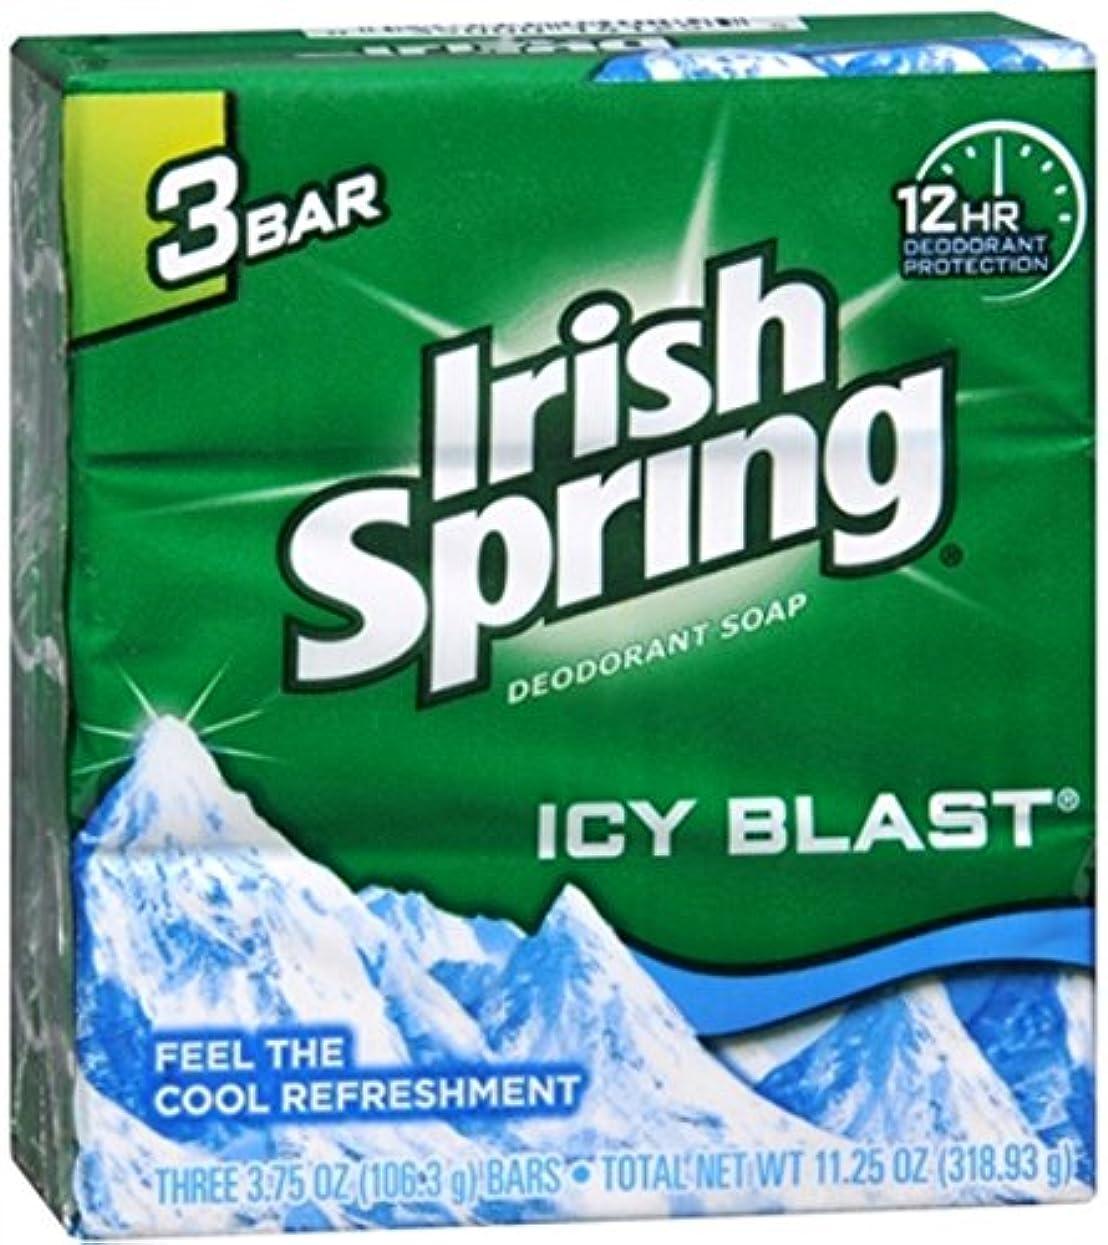 輝く受け入れた連合【Irish Spring】アイリッシュスプリング?デオドラント石鹸113g×3個パック 【アイシーブラスト】